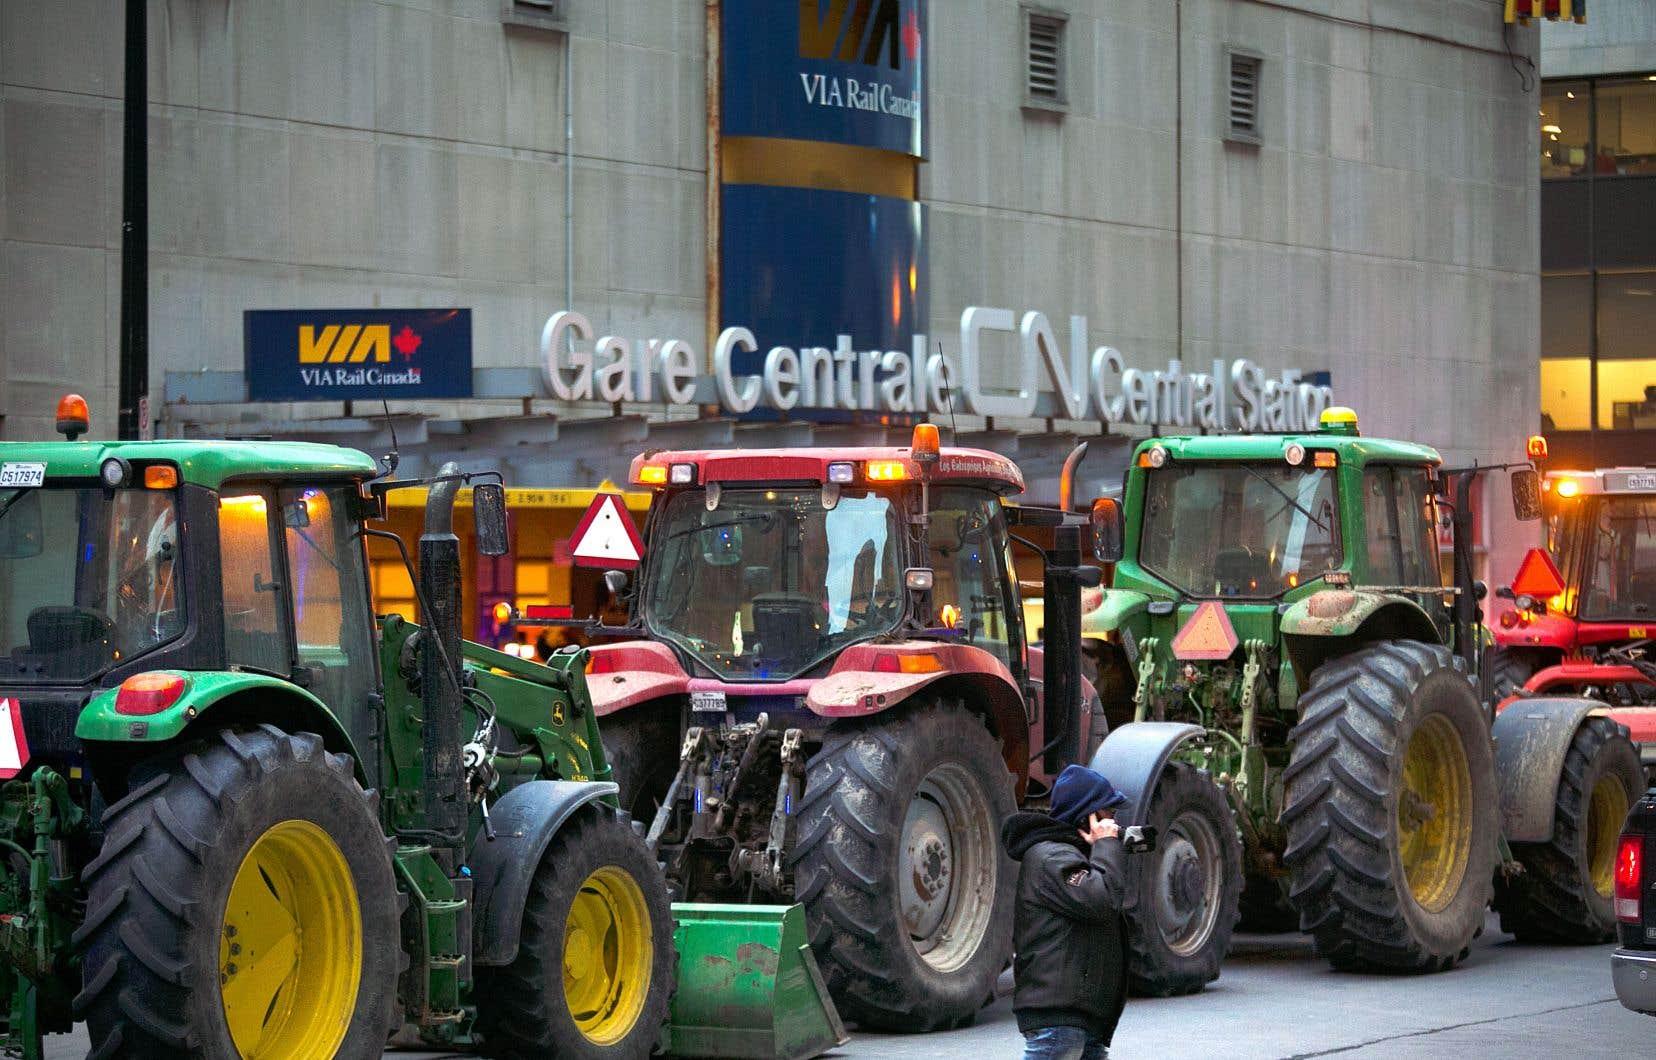 Un cortège de tracteurs s'est rendu, vendredi, depuis Châteauguay, devant les bureaux du CN au centre-ville de Montréal pour exprimer les craintes du milieu agricole concernant une éventuelle pénurie de propane.